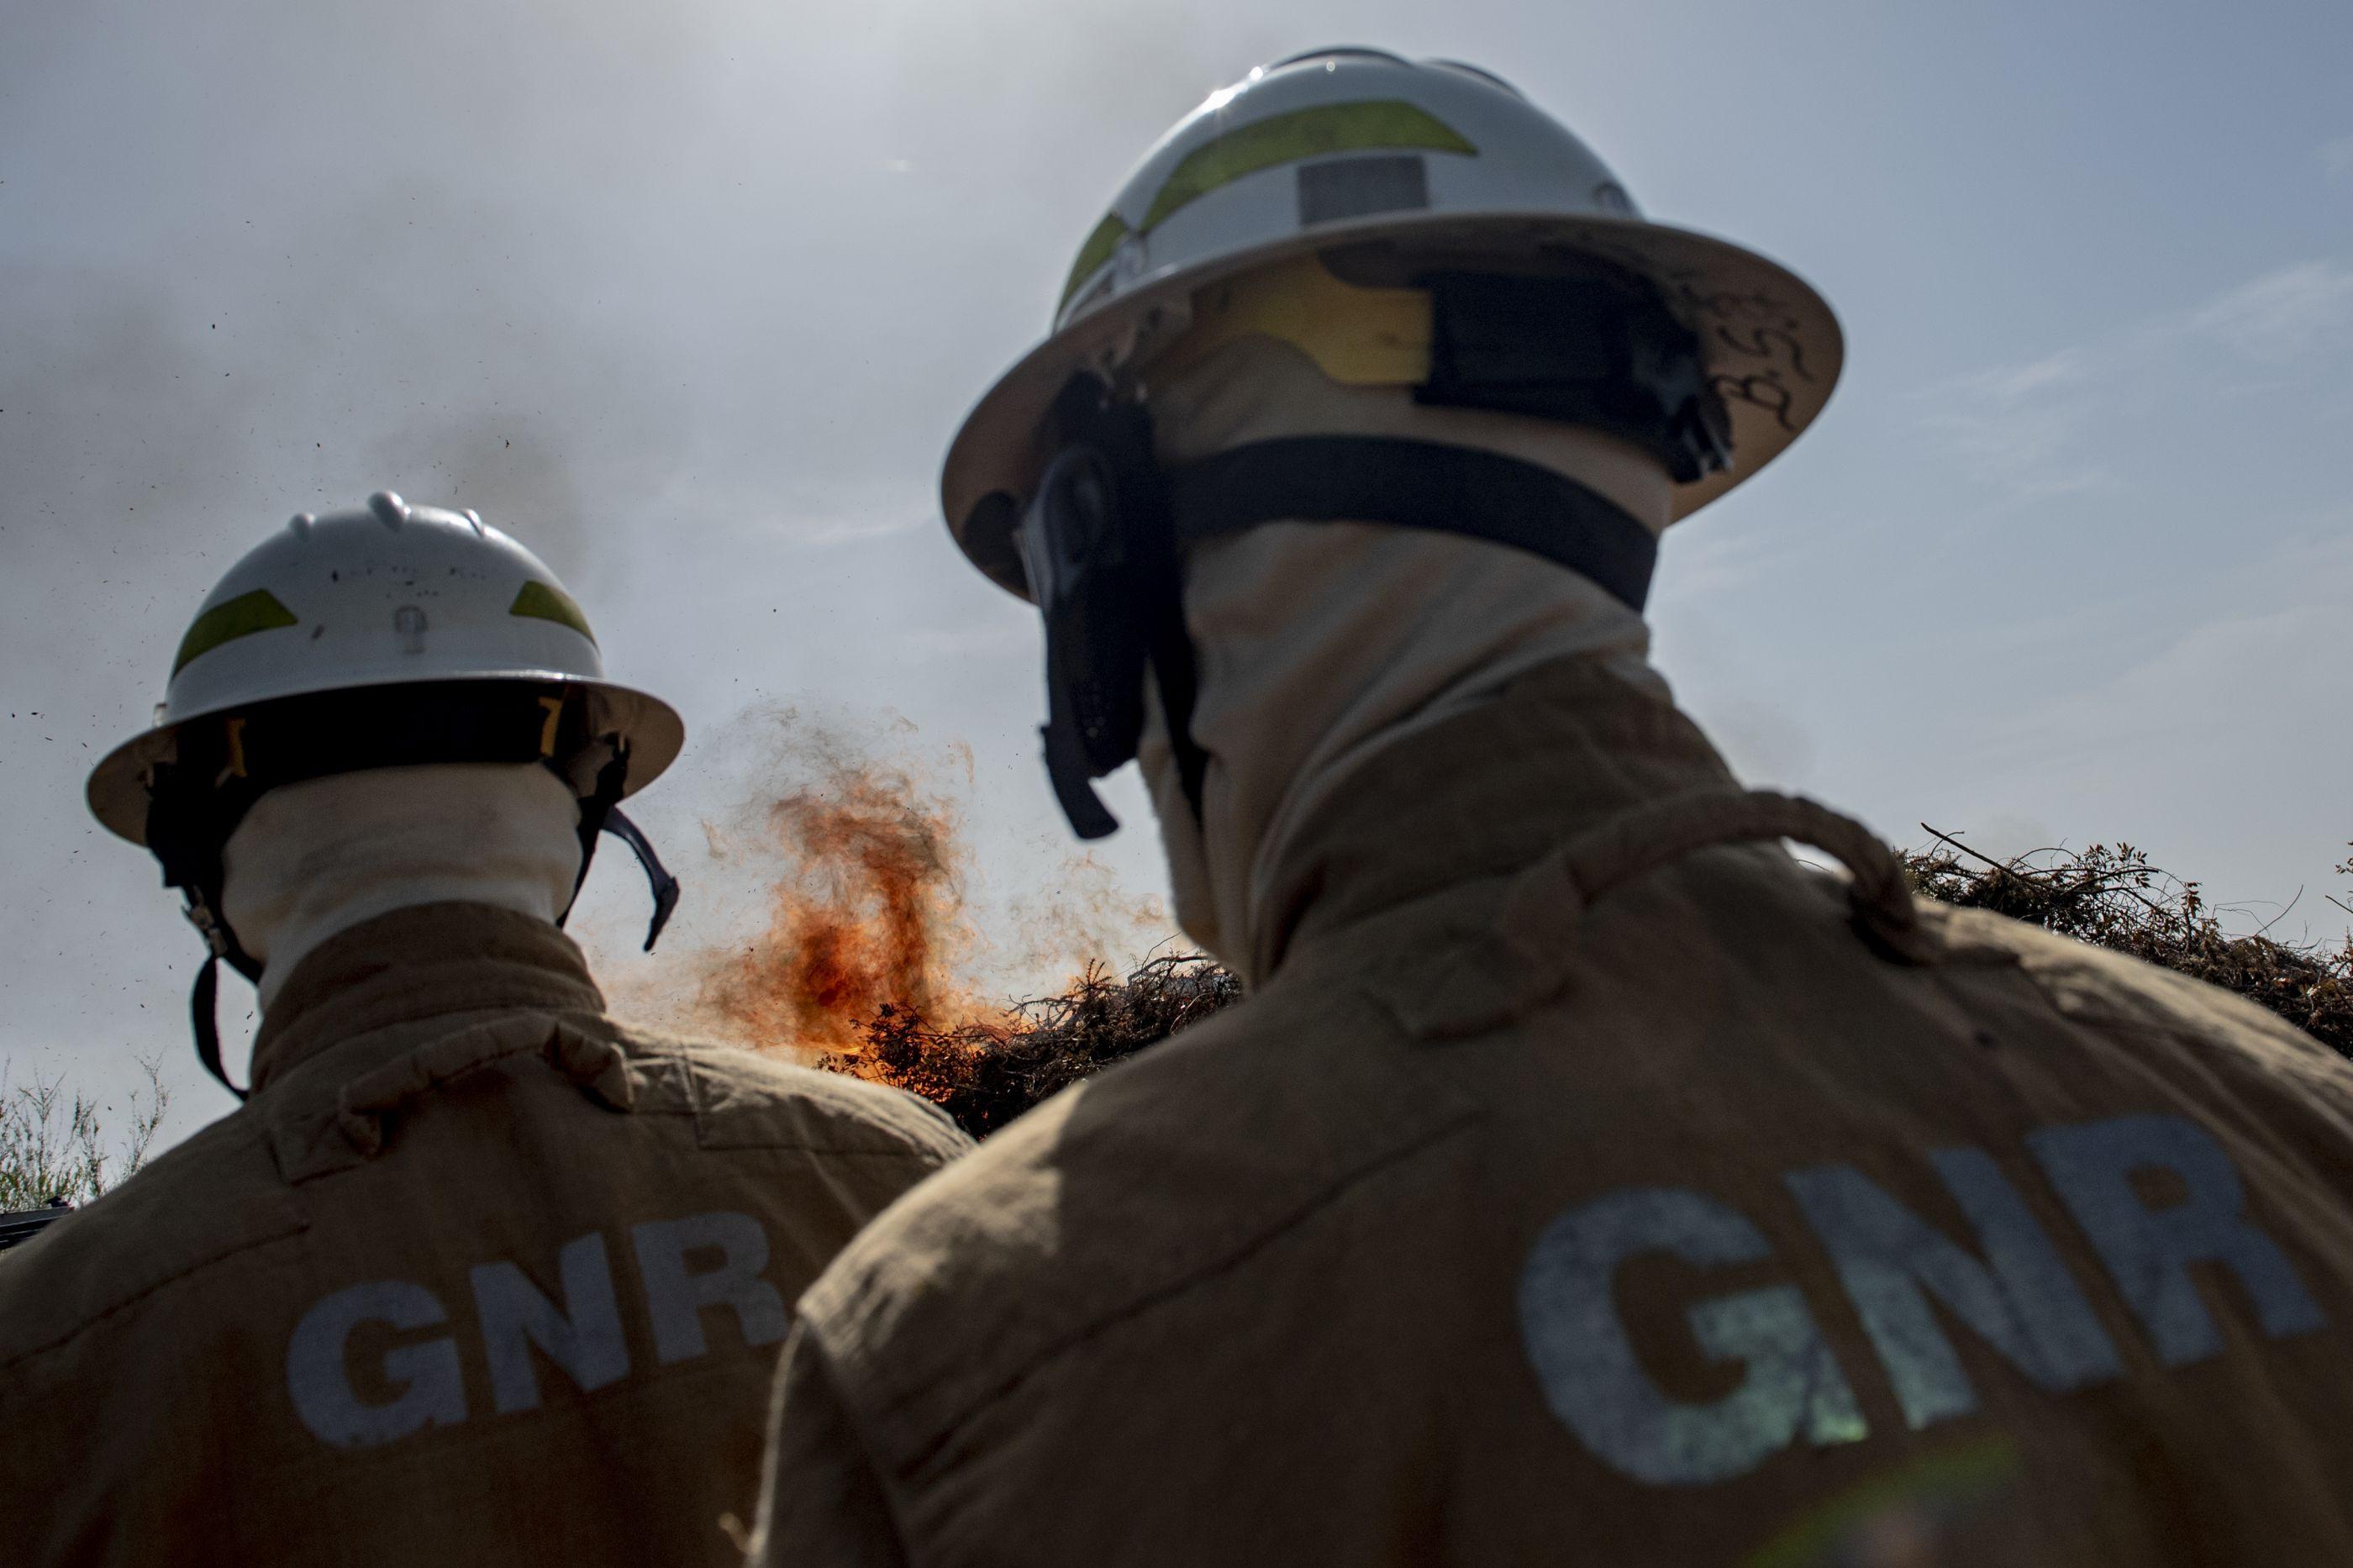 Risco de incêndio em níveis elevado e muito elevado nos próximos dias